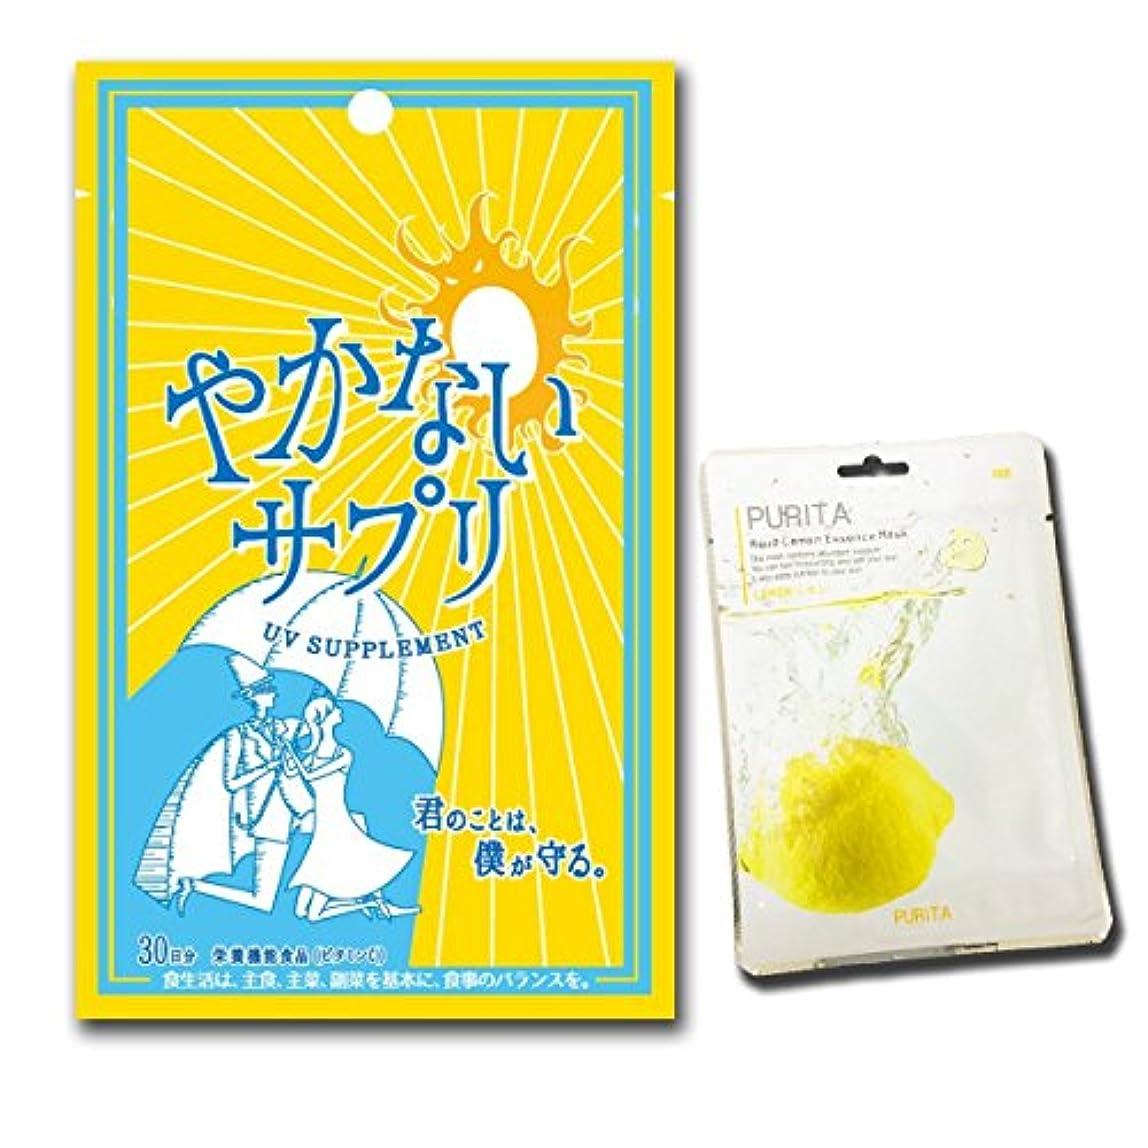 泣く恐ろしいです有効飲む日焼け止め やかないサプリ 日本製 (30粒/30日分) PURITAフェイスマスク1枚付